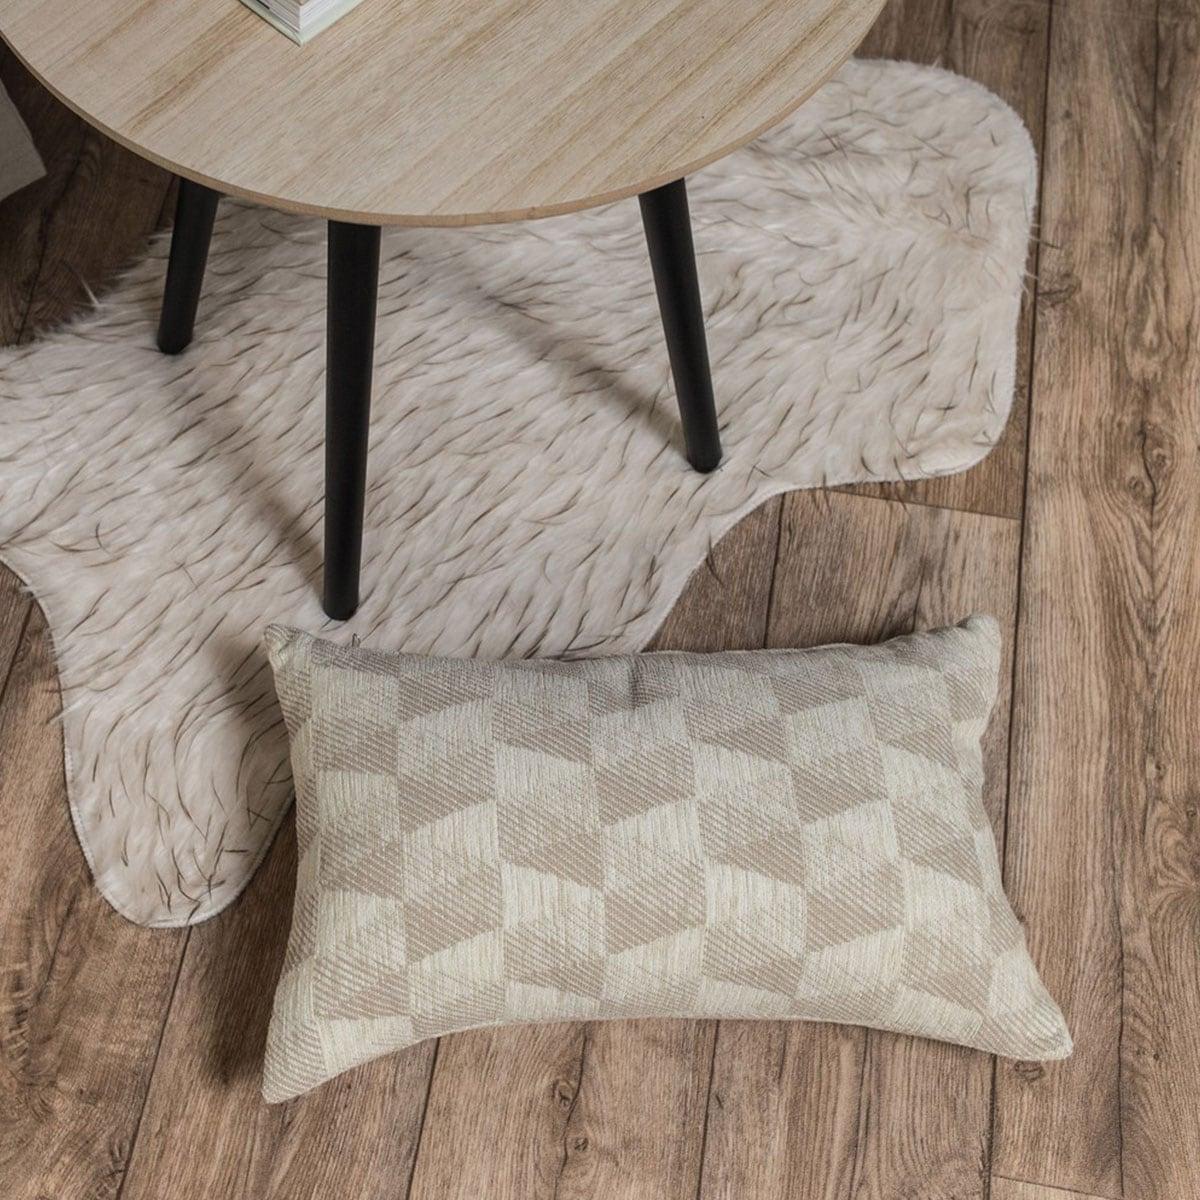 Μαξιλάρι Διακοσμητικό (Με Γέμιση) Memphis 01 Ecru Teoran 30Χ50 Ακρυλικό-Polyester